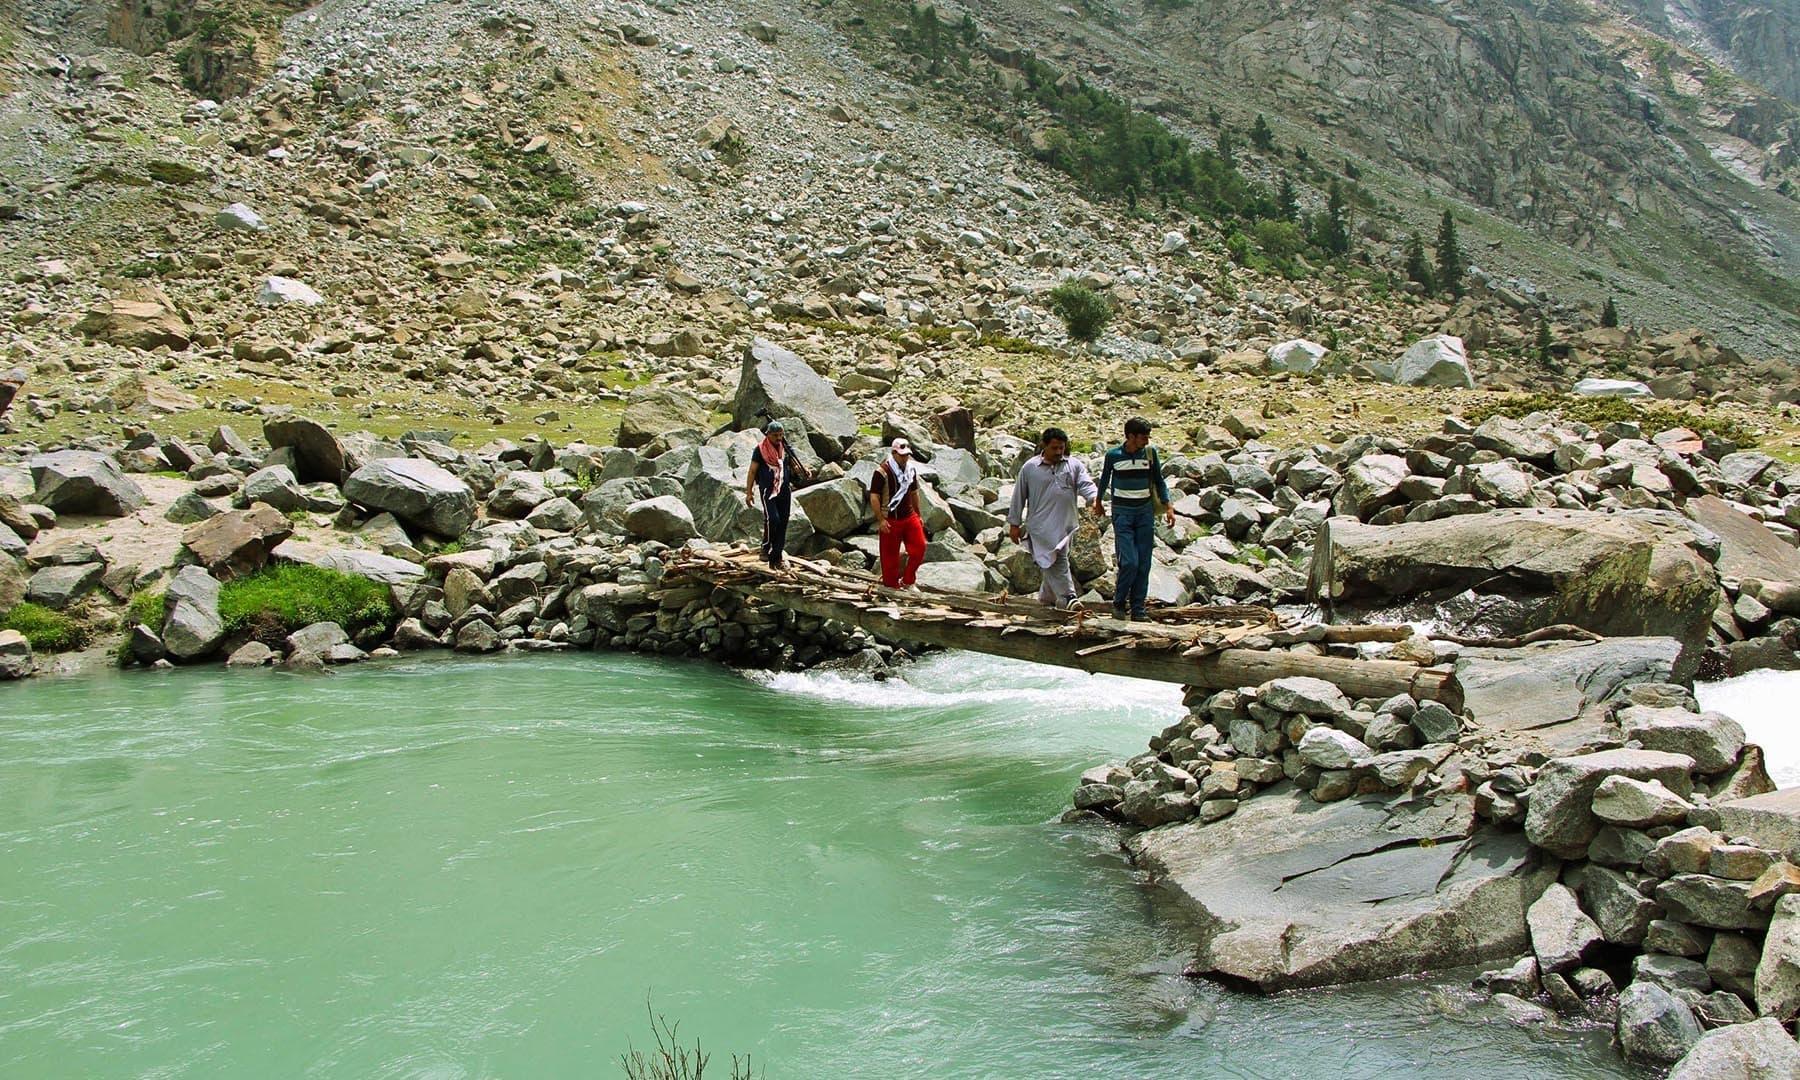 ڈونچار آبشار تک رسائی حاصل کرنے کے لیے لکڑیوں کے اس پل پر سے گزرنا پڑتا ہے—تصویر امجد علی سحاب